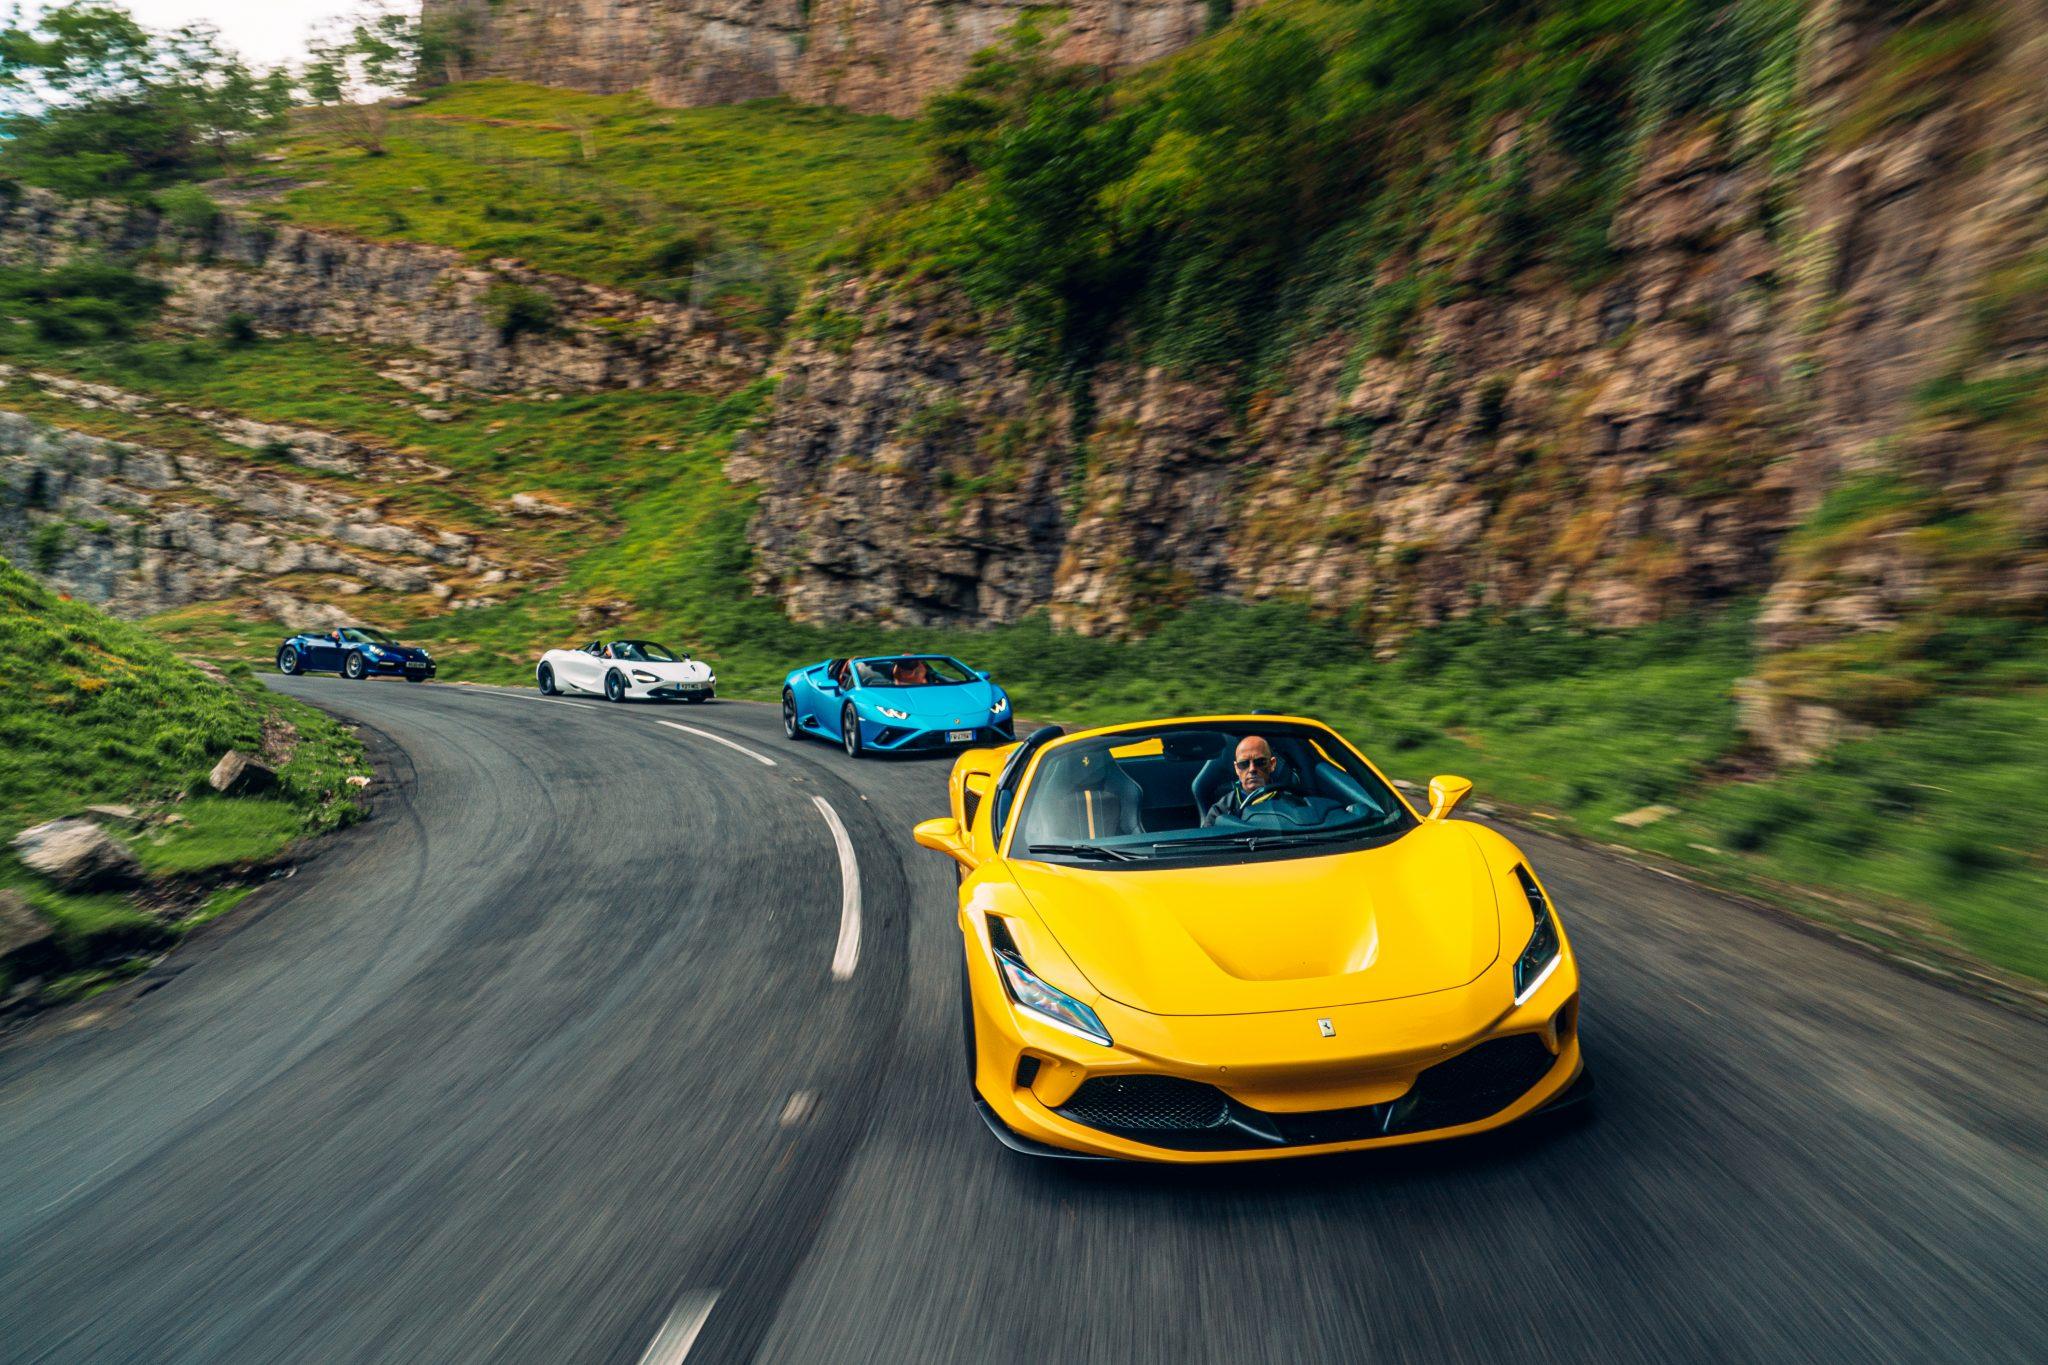 Ferrari F8 Spider vs Lamborghini Huracán Evo RWD Spyder vs McLaren 720S Spyder vs Porsche 911 Turbo S Cabrio